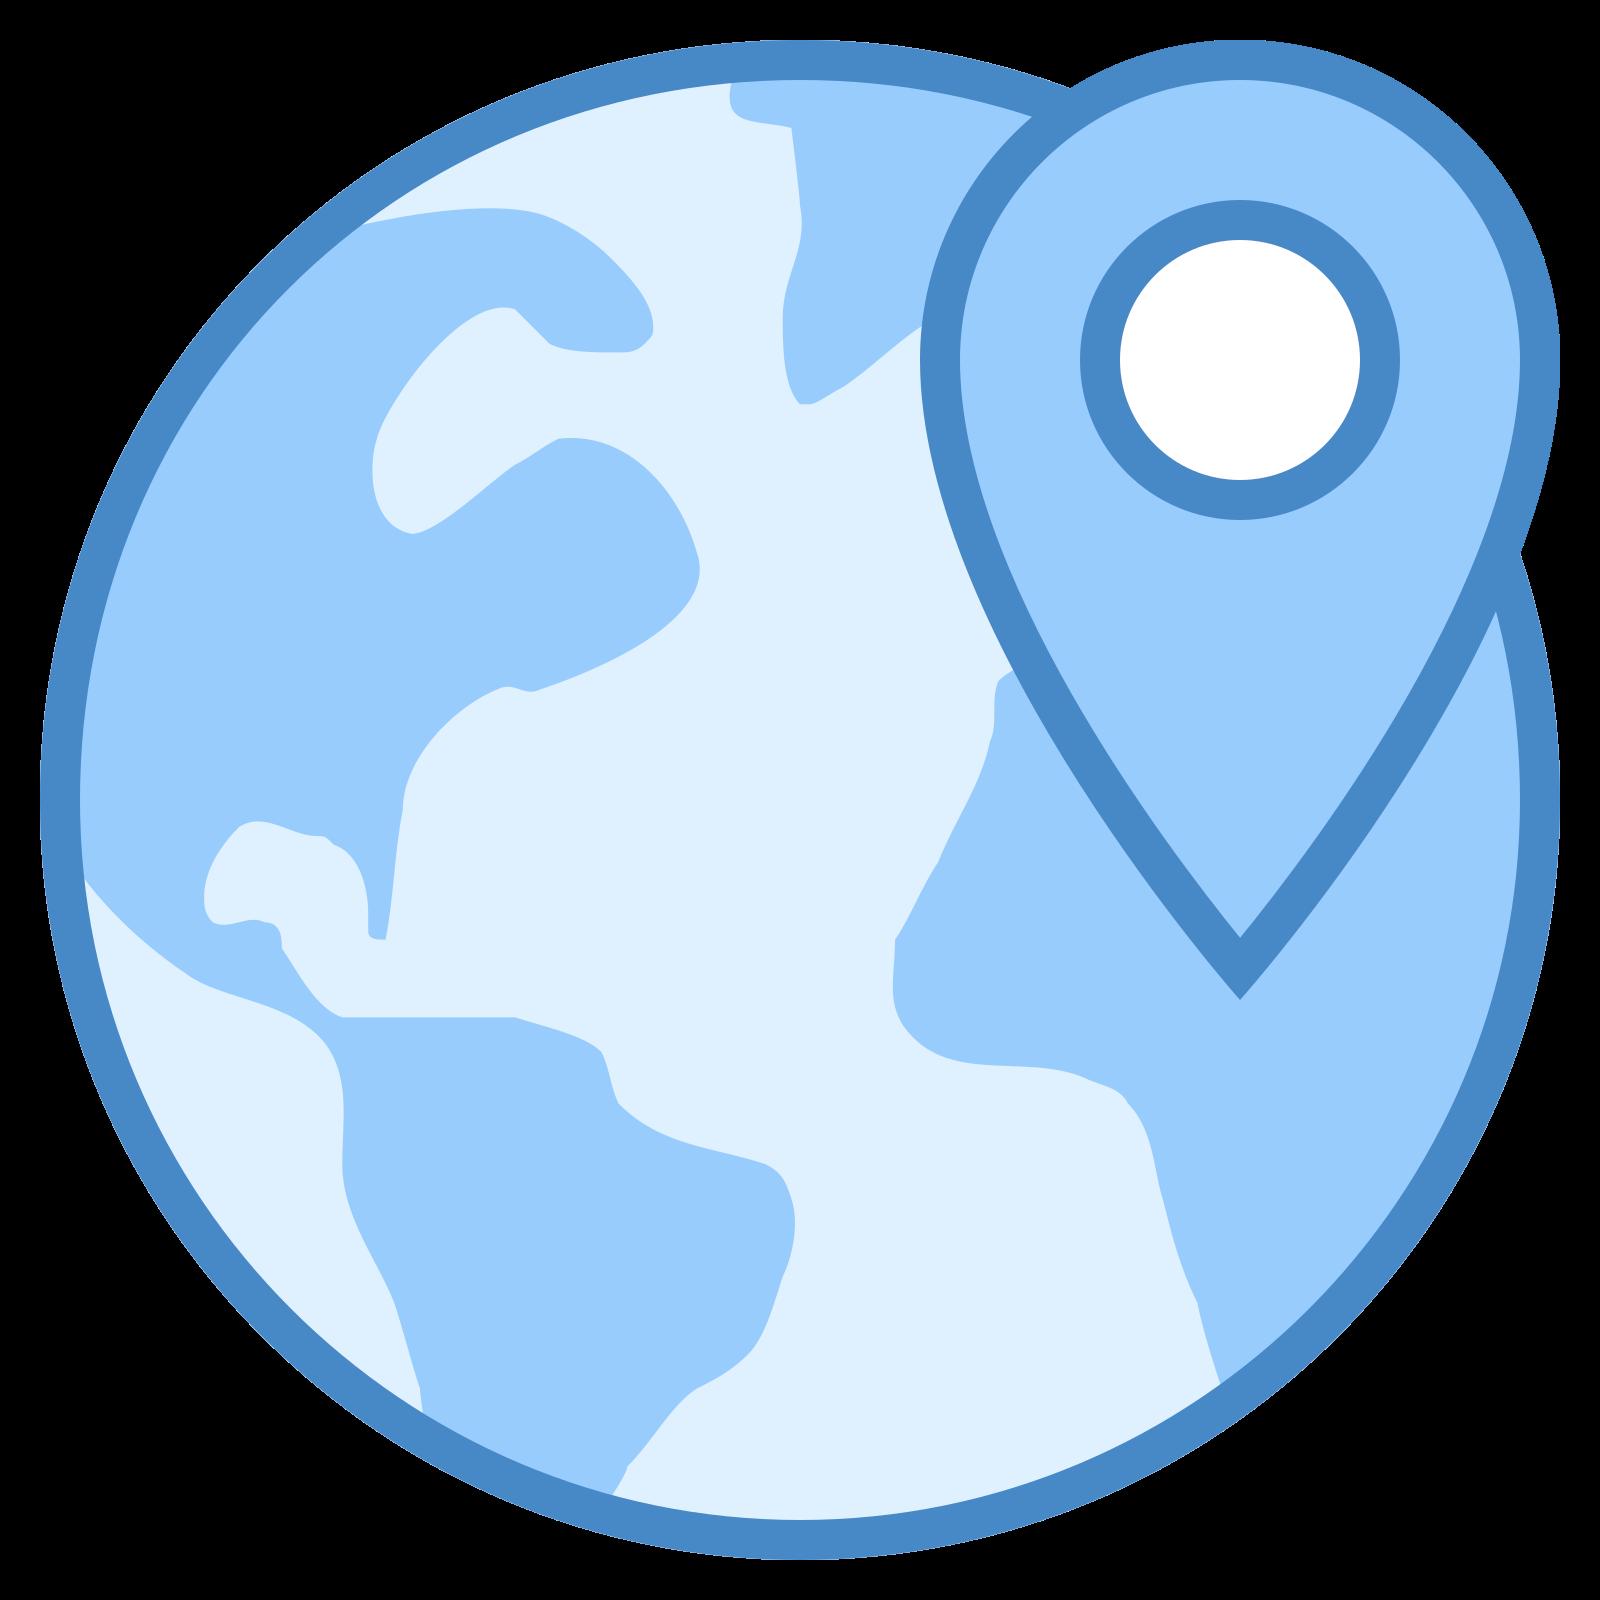 Localização mundial icon